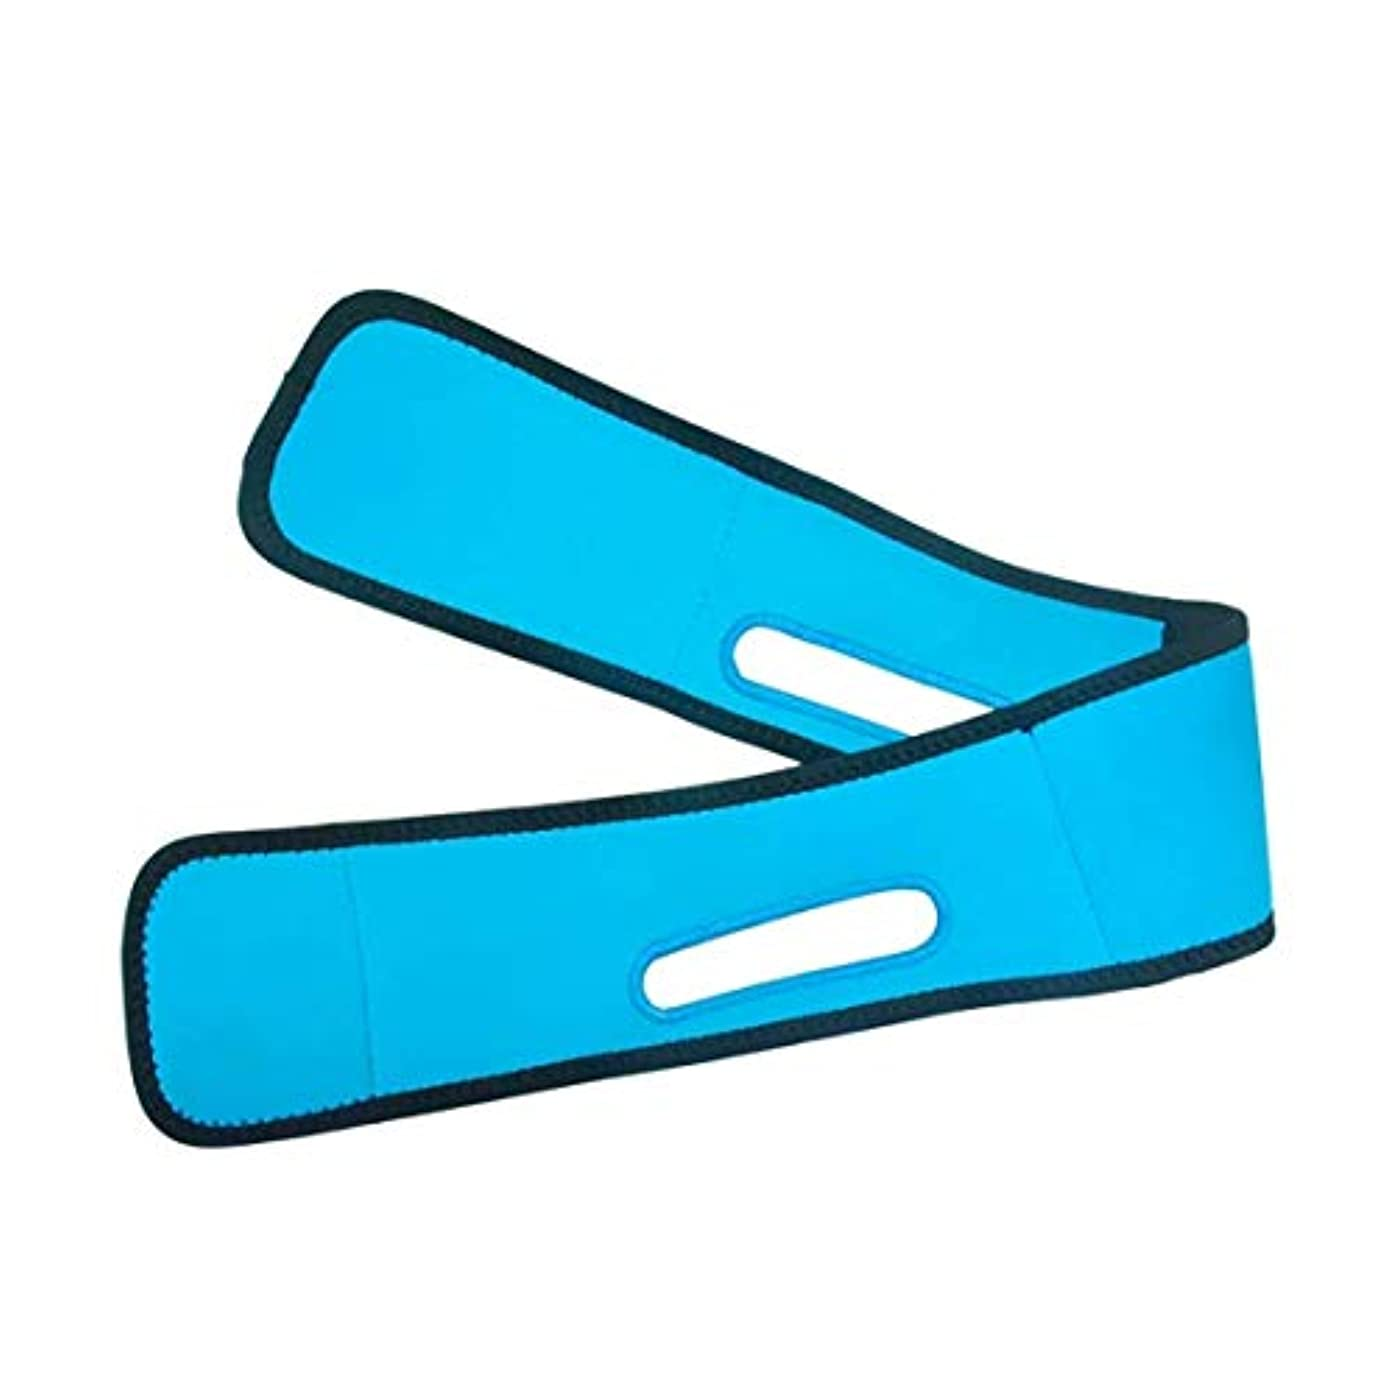 妨げる困惑するマーカースリミングベルト、フェイスマスクVフェイスアーティファクトマッサージマスクで顎の筋肉の収縮を強化し、Vフェイスリフトのタイトな包帯を簡単に形成